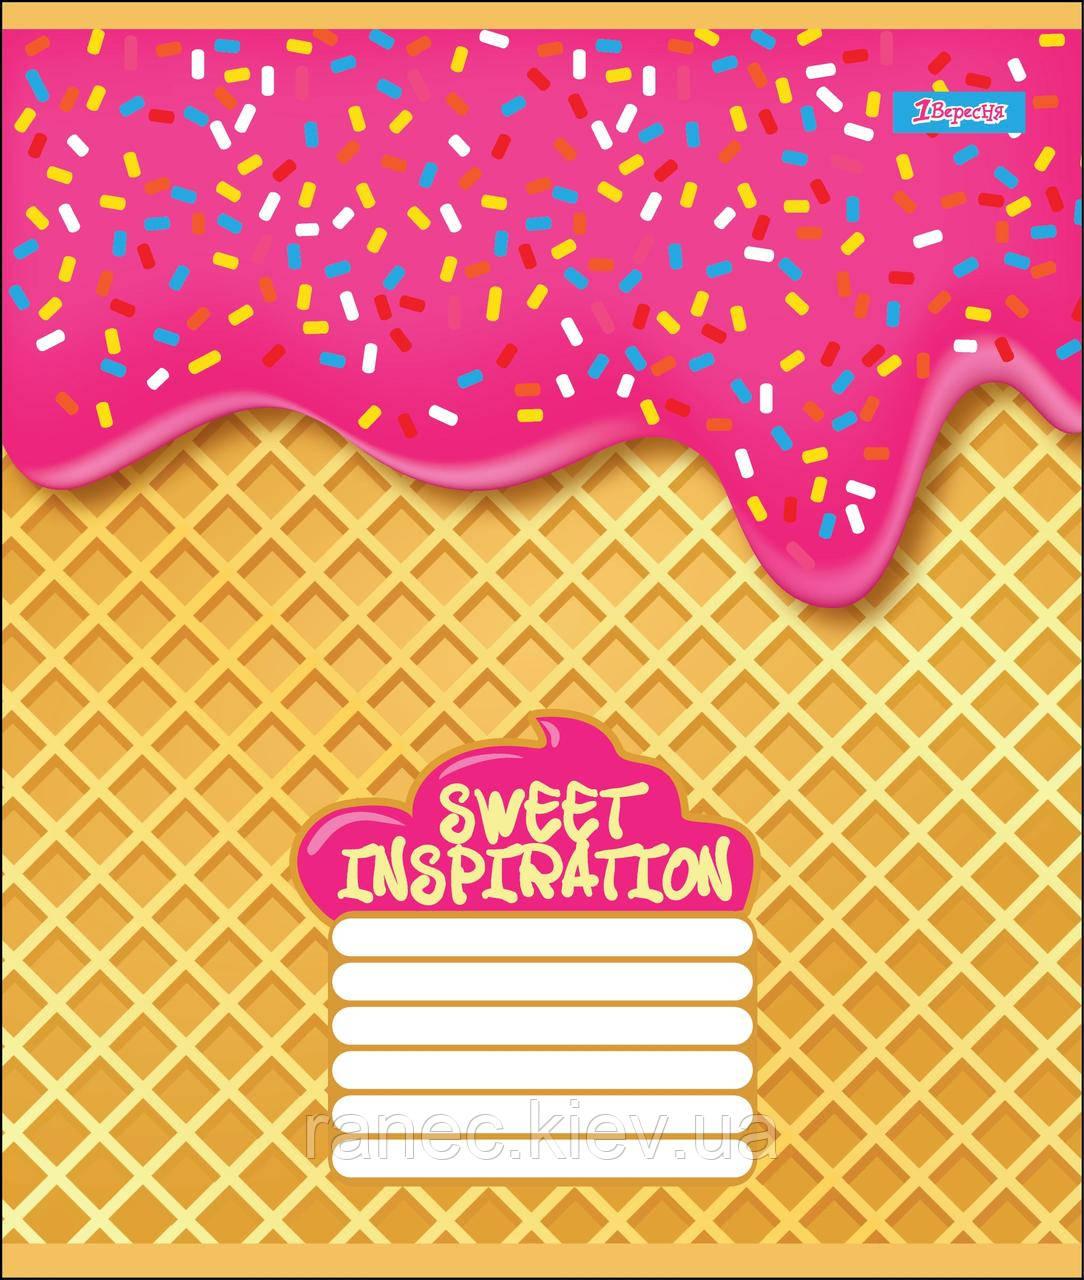 Тетрадь 48 листов клетка А5 набор 10 шт. в упаковке 1 Вересня SWEET INSPIRATION  764623